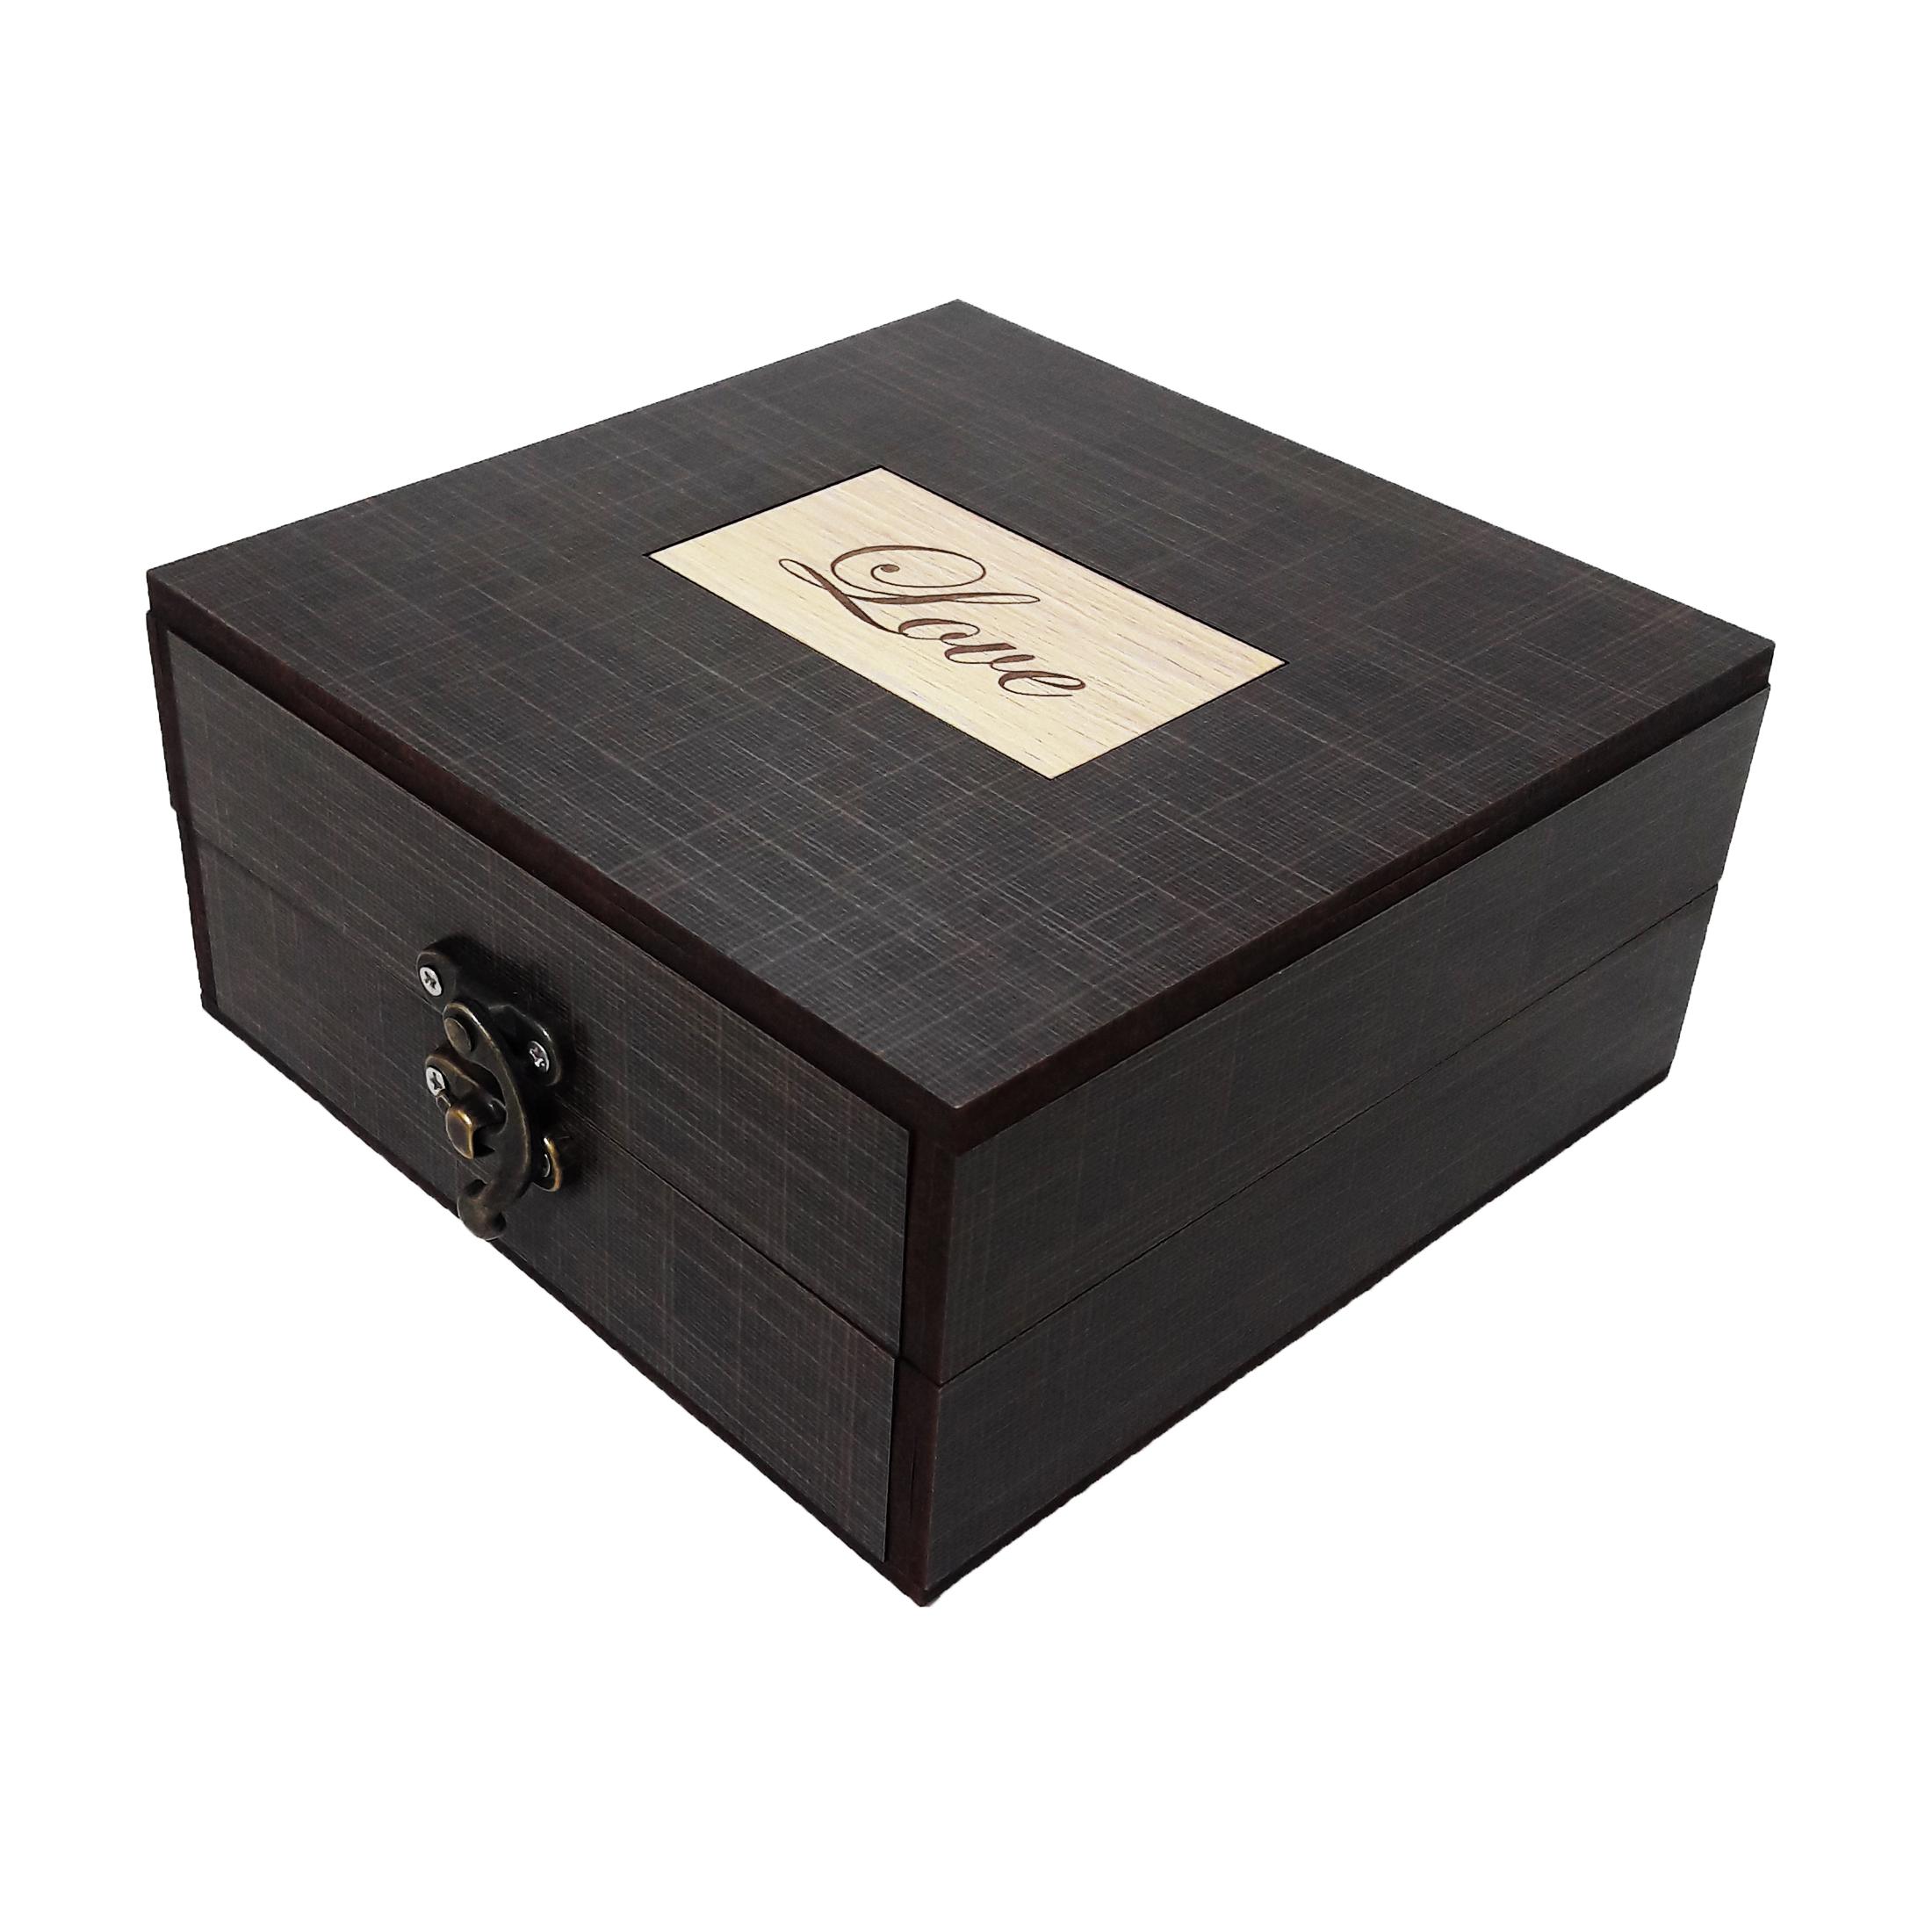 جعبه هدیه چوبی کادو آیهان باکس مدل 114